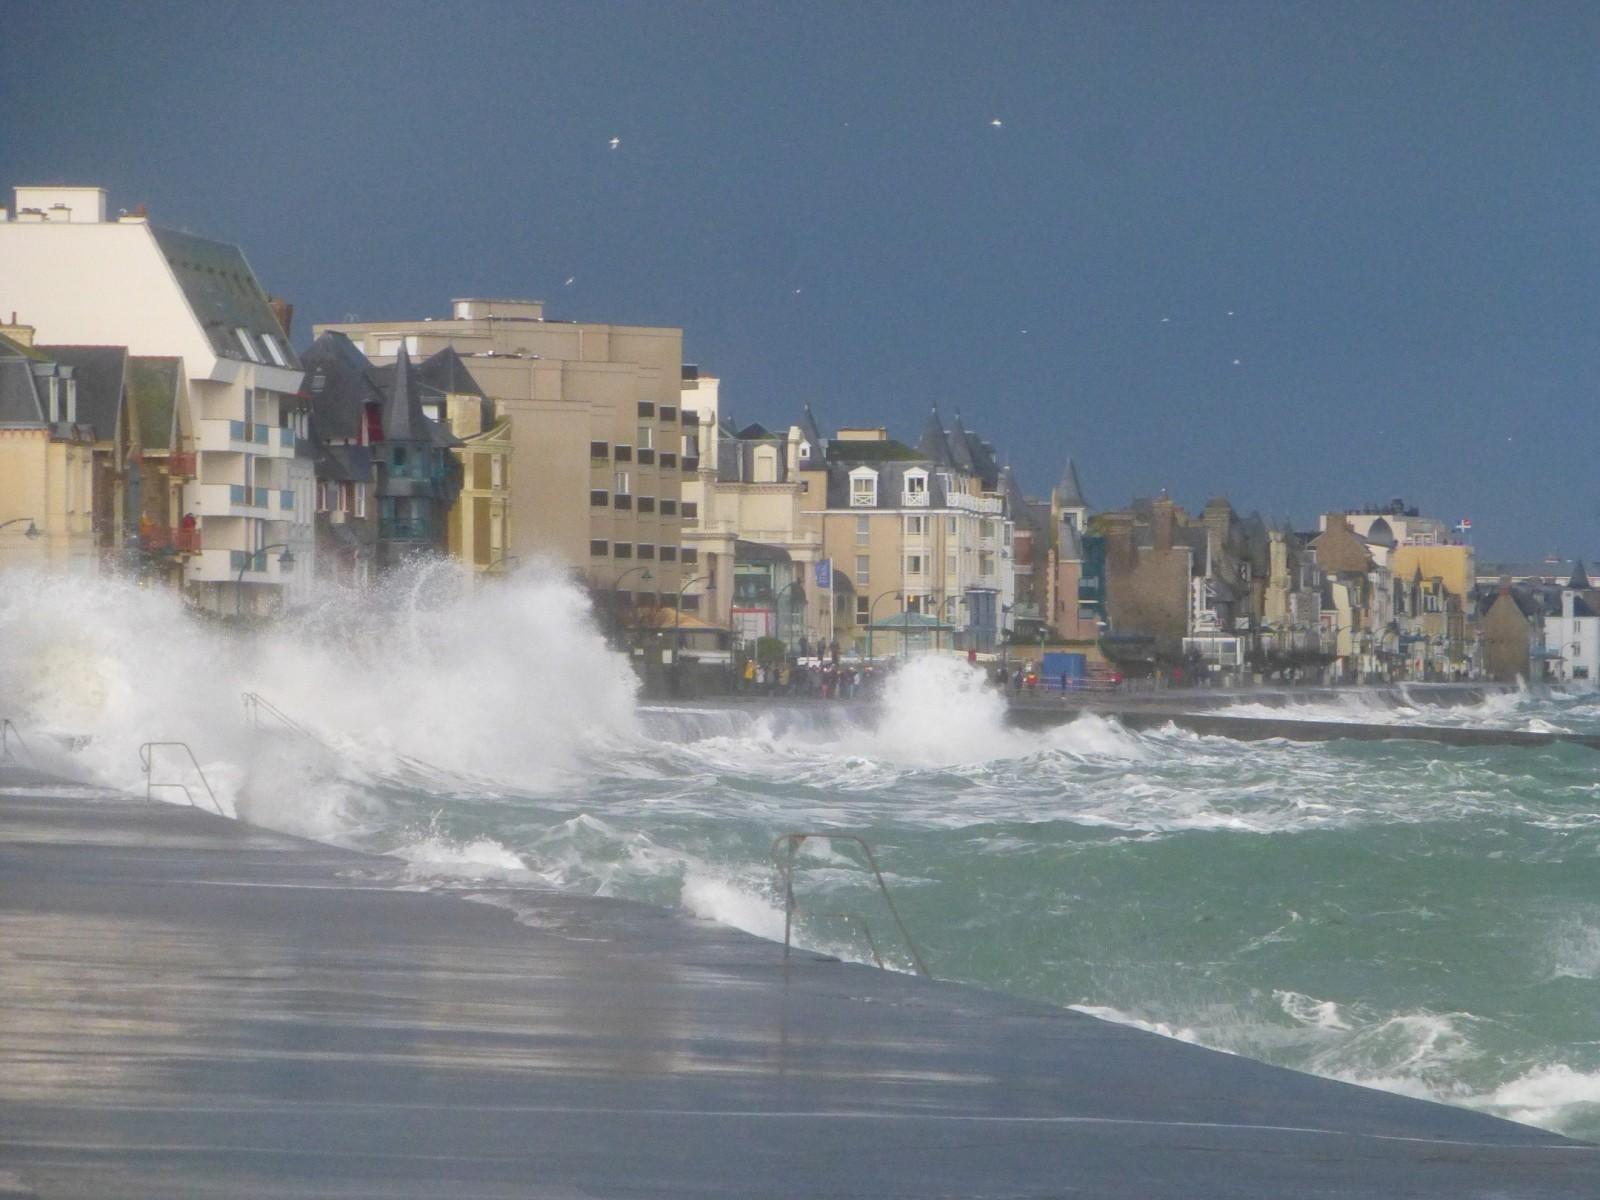 Vague sur le front de mer de Saint-Malo. © Mireille Guignard.